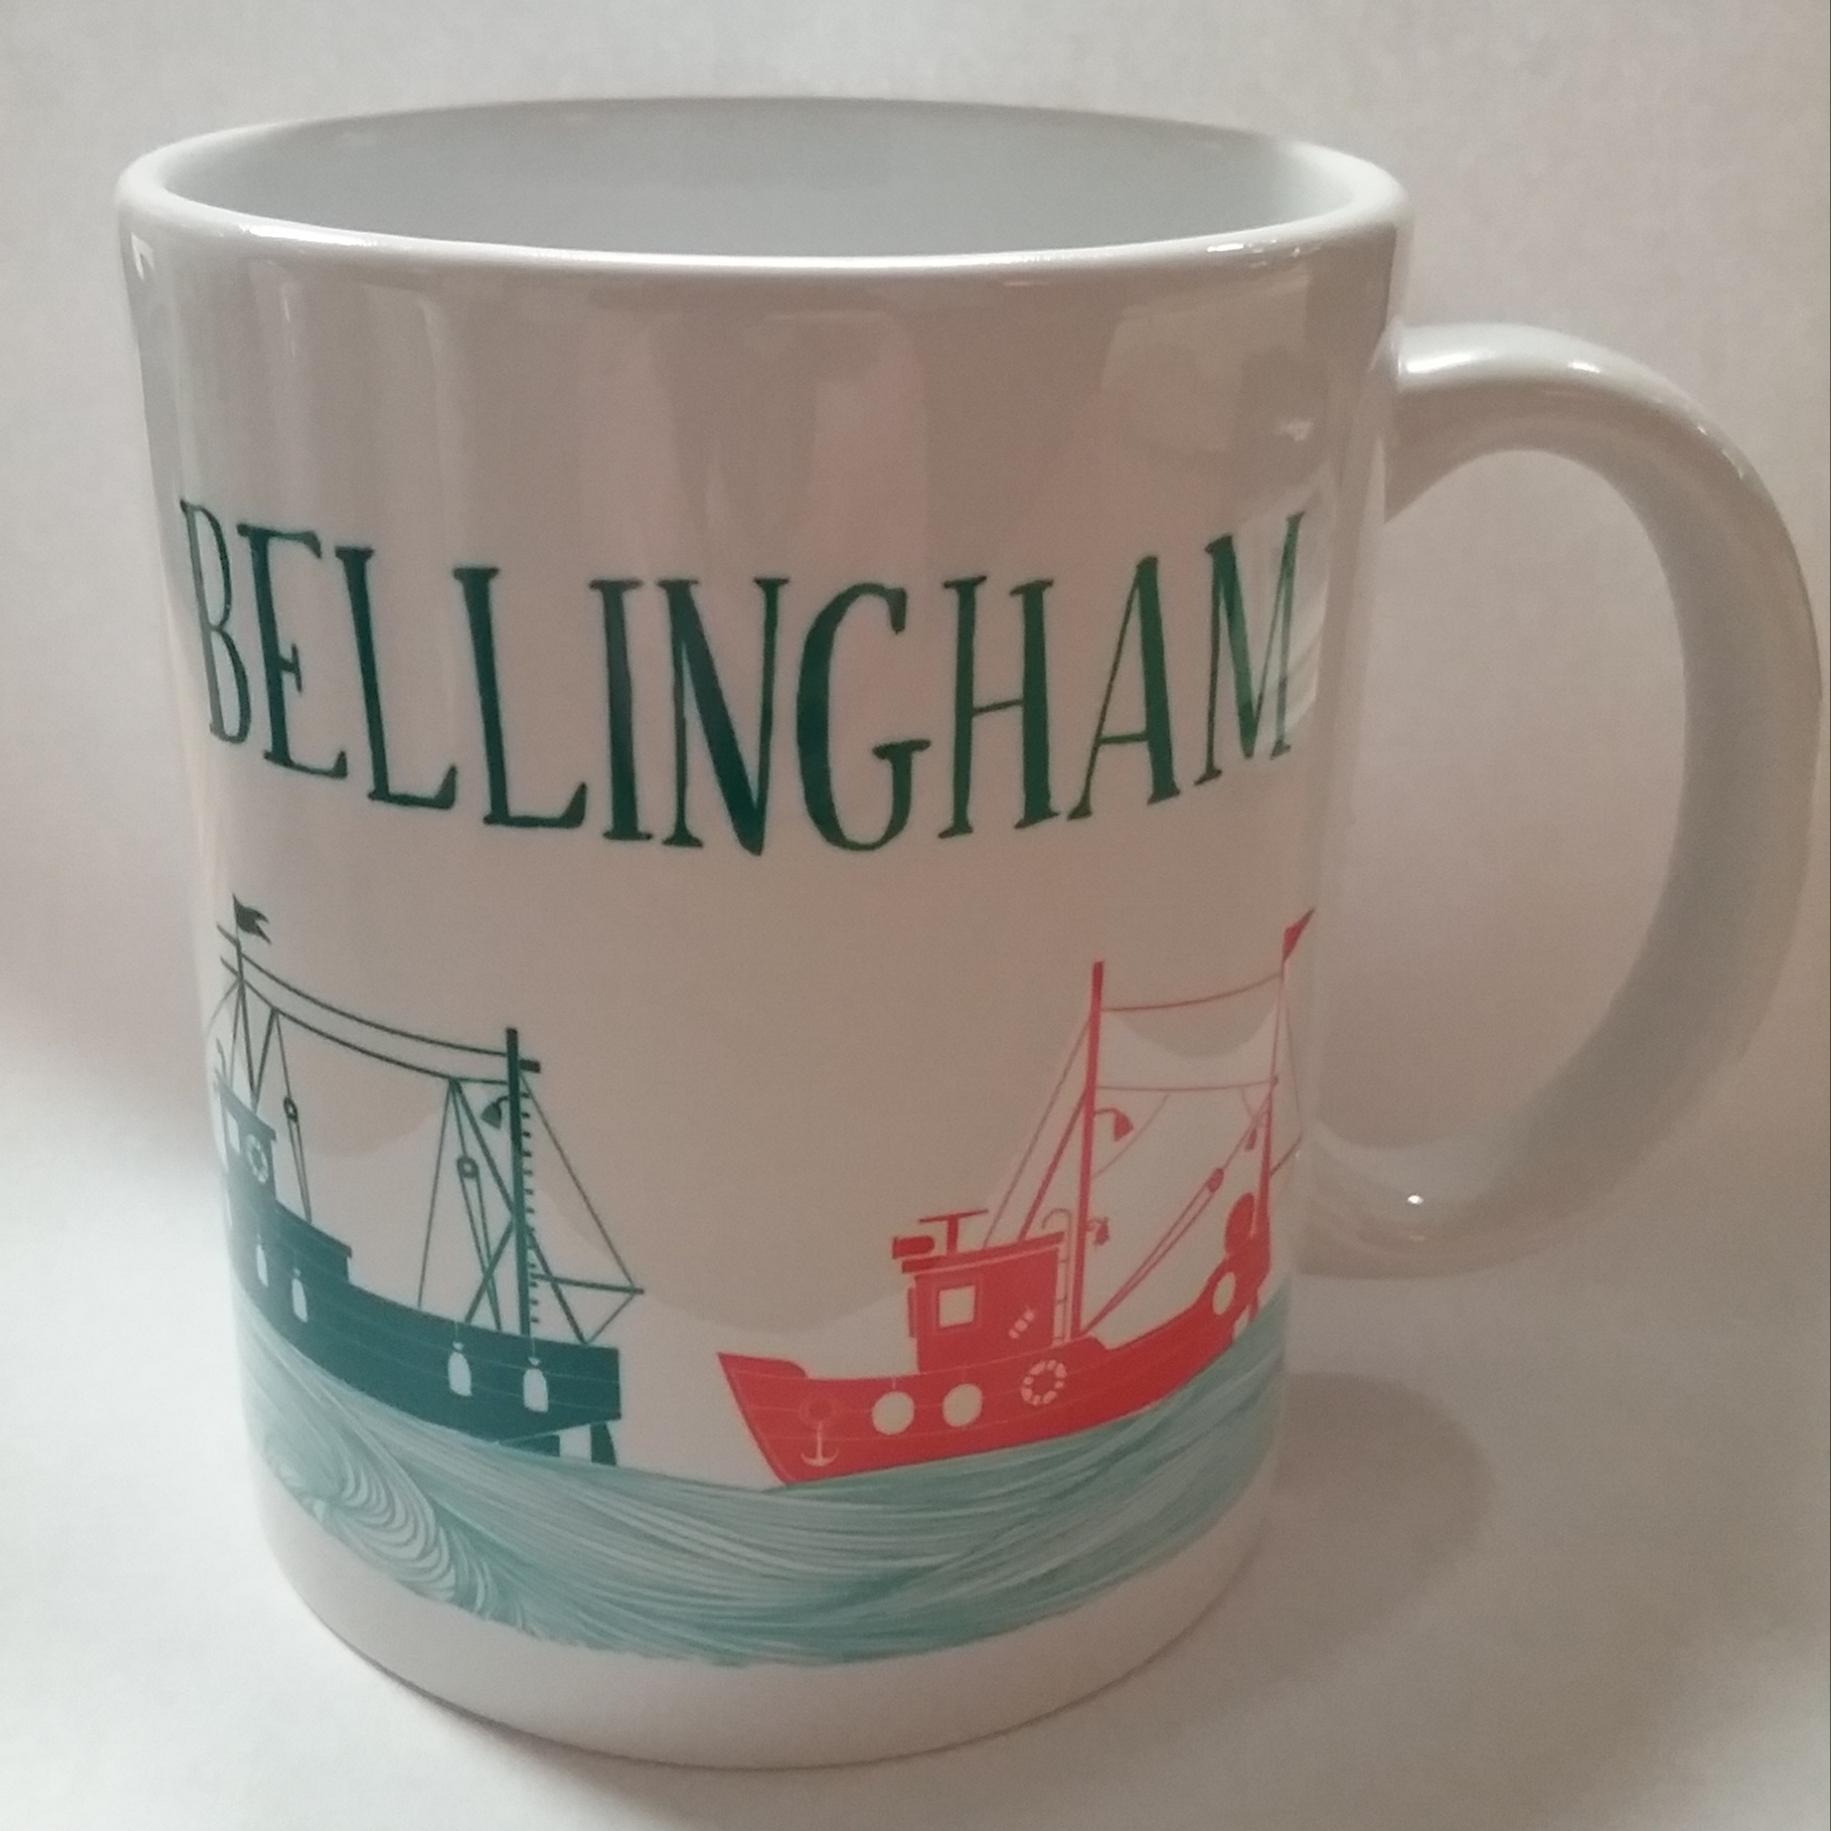 Bellingham Boats Mug